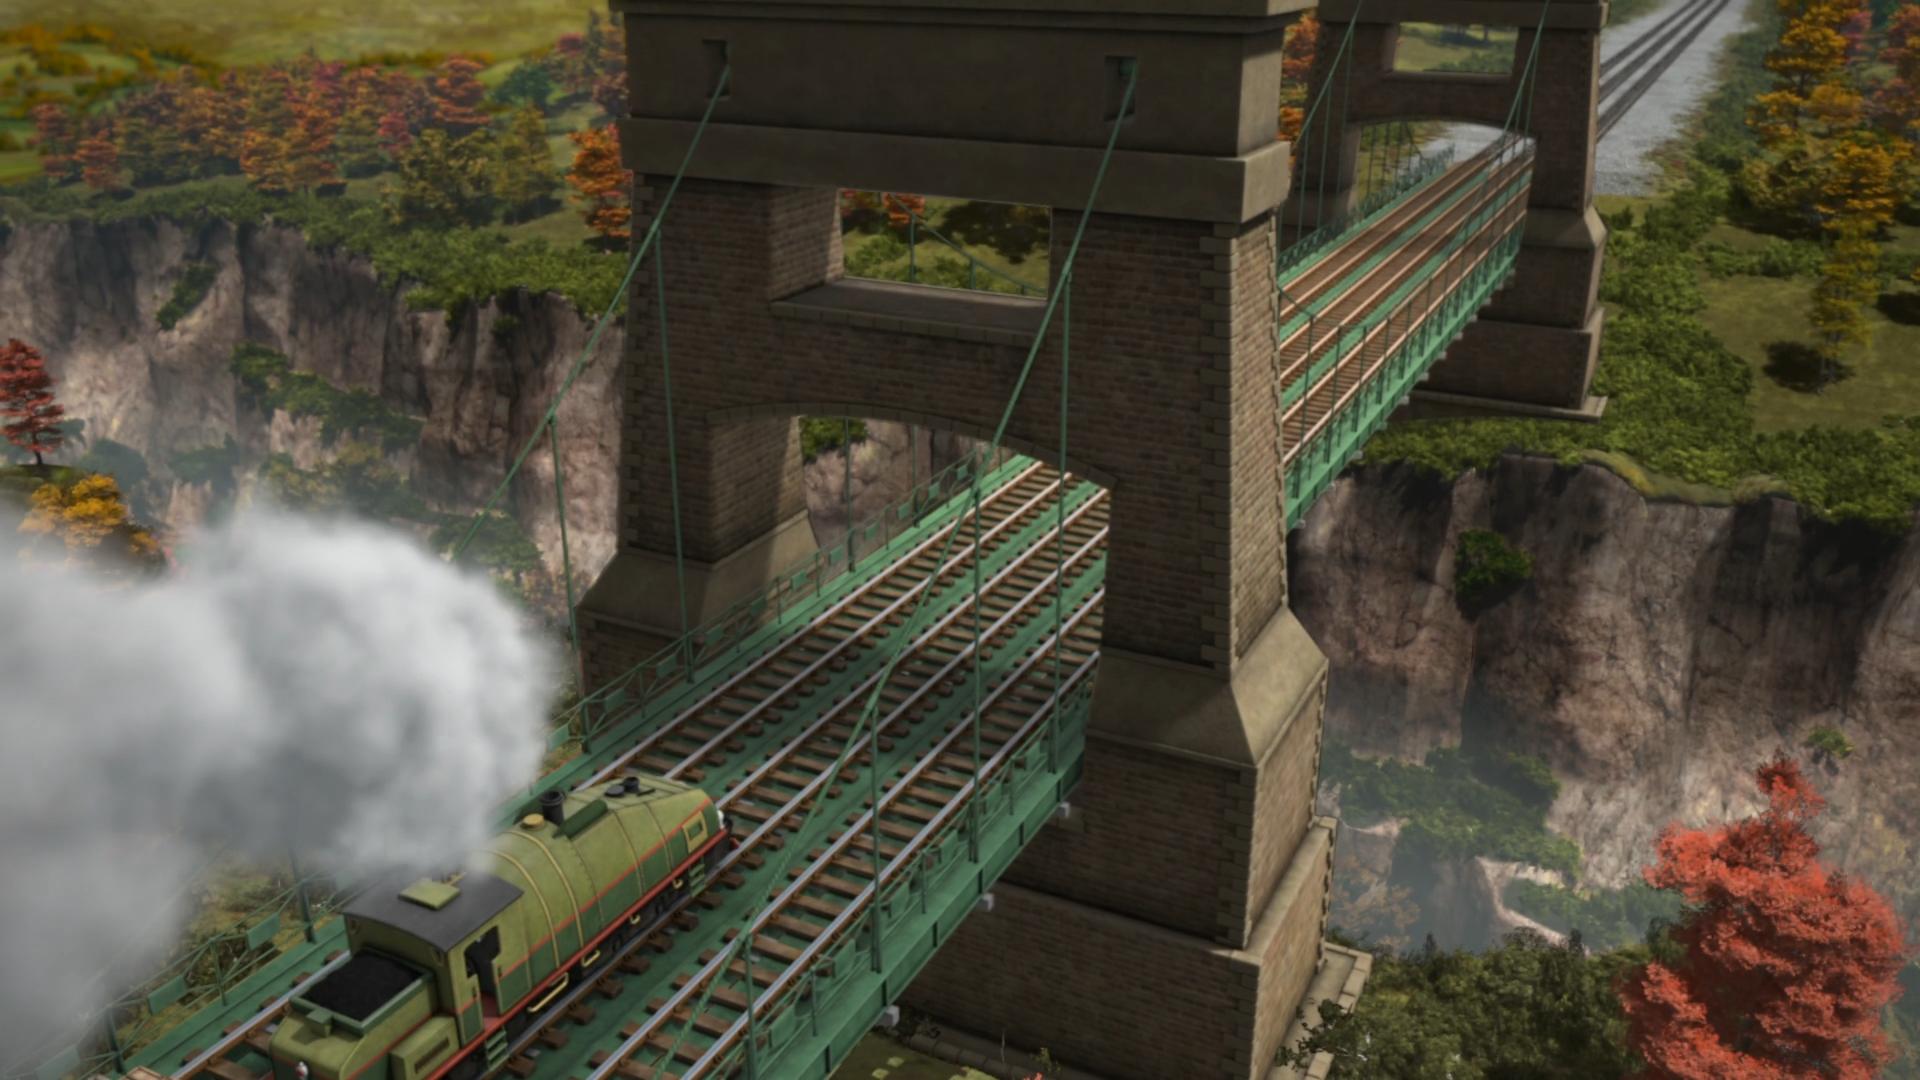 Sodor Suspension Bridge